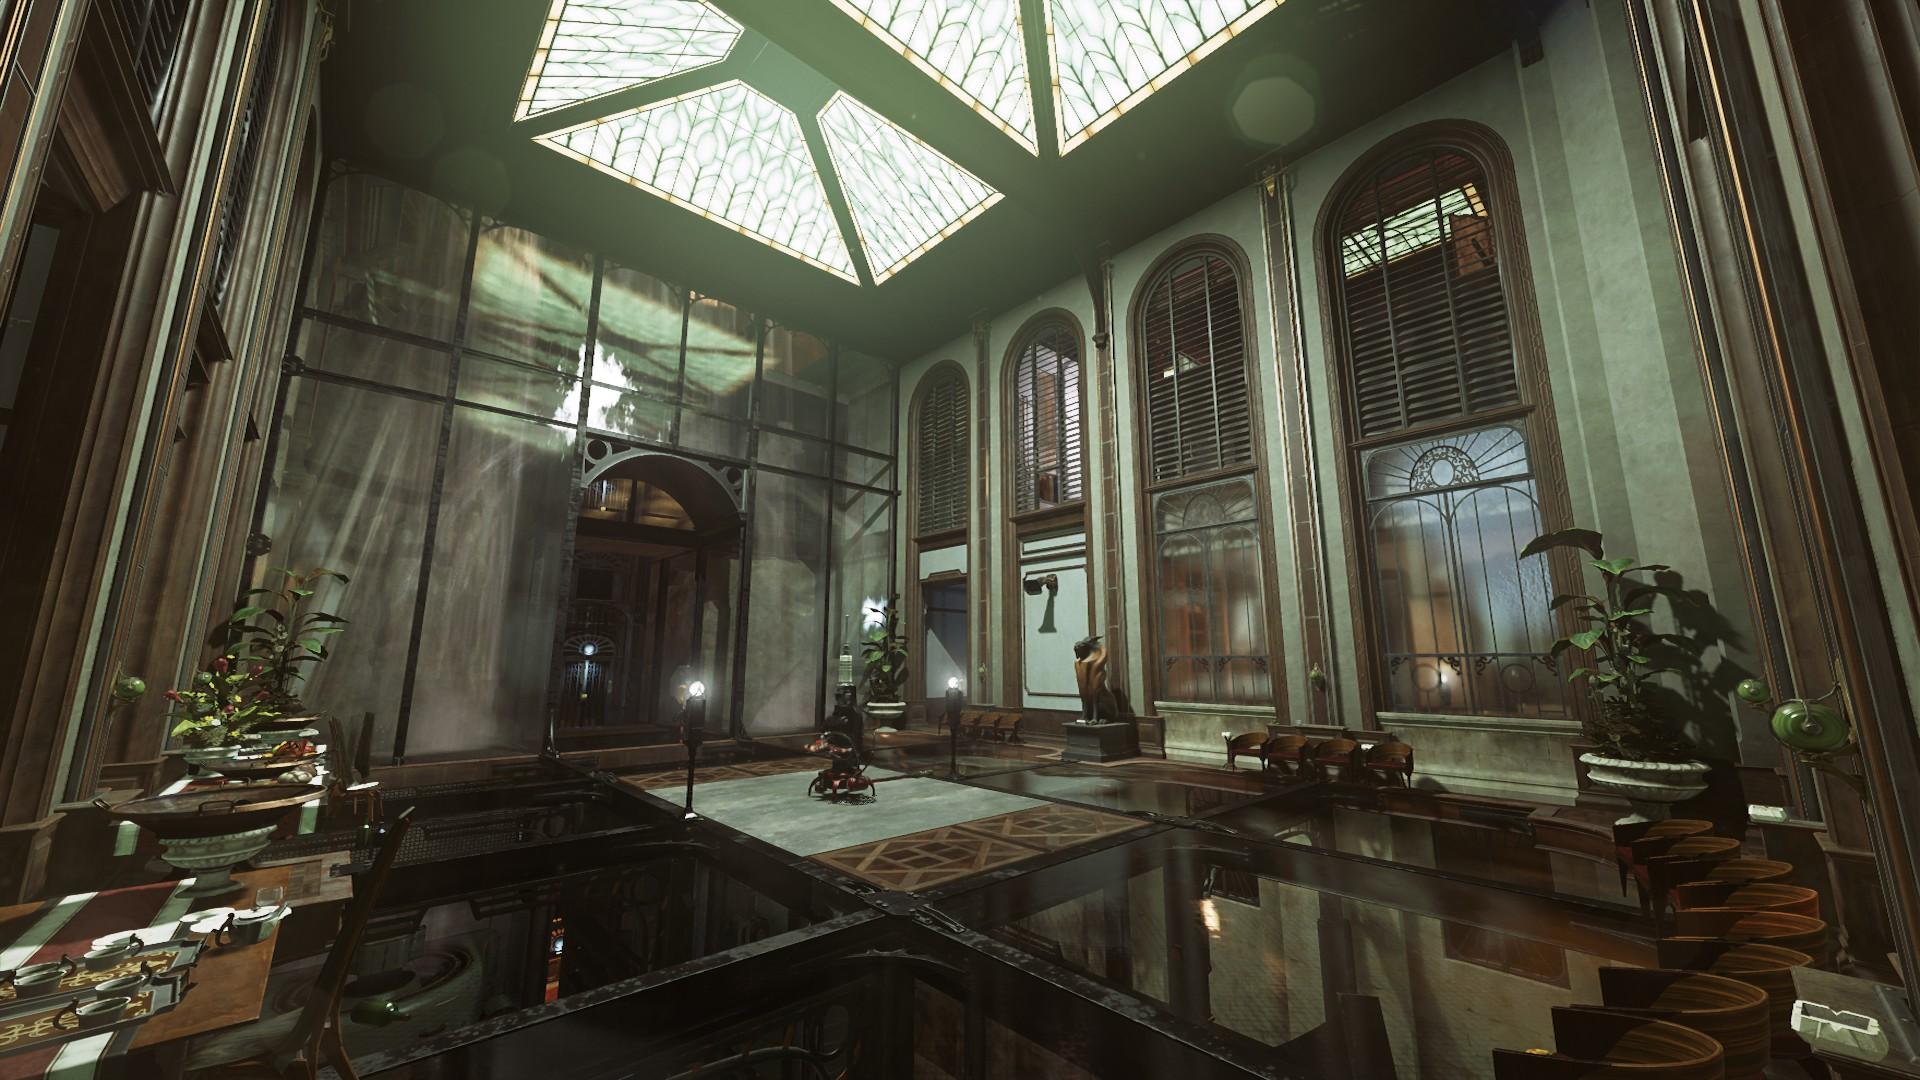 209-05-dishonored2.jpg